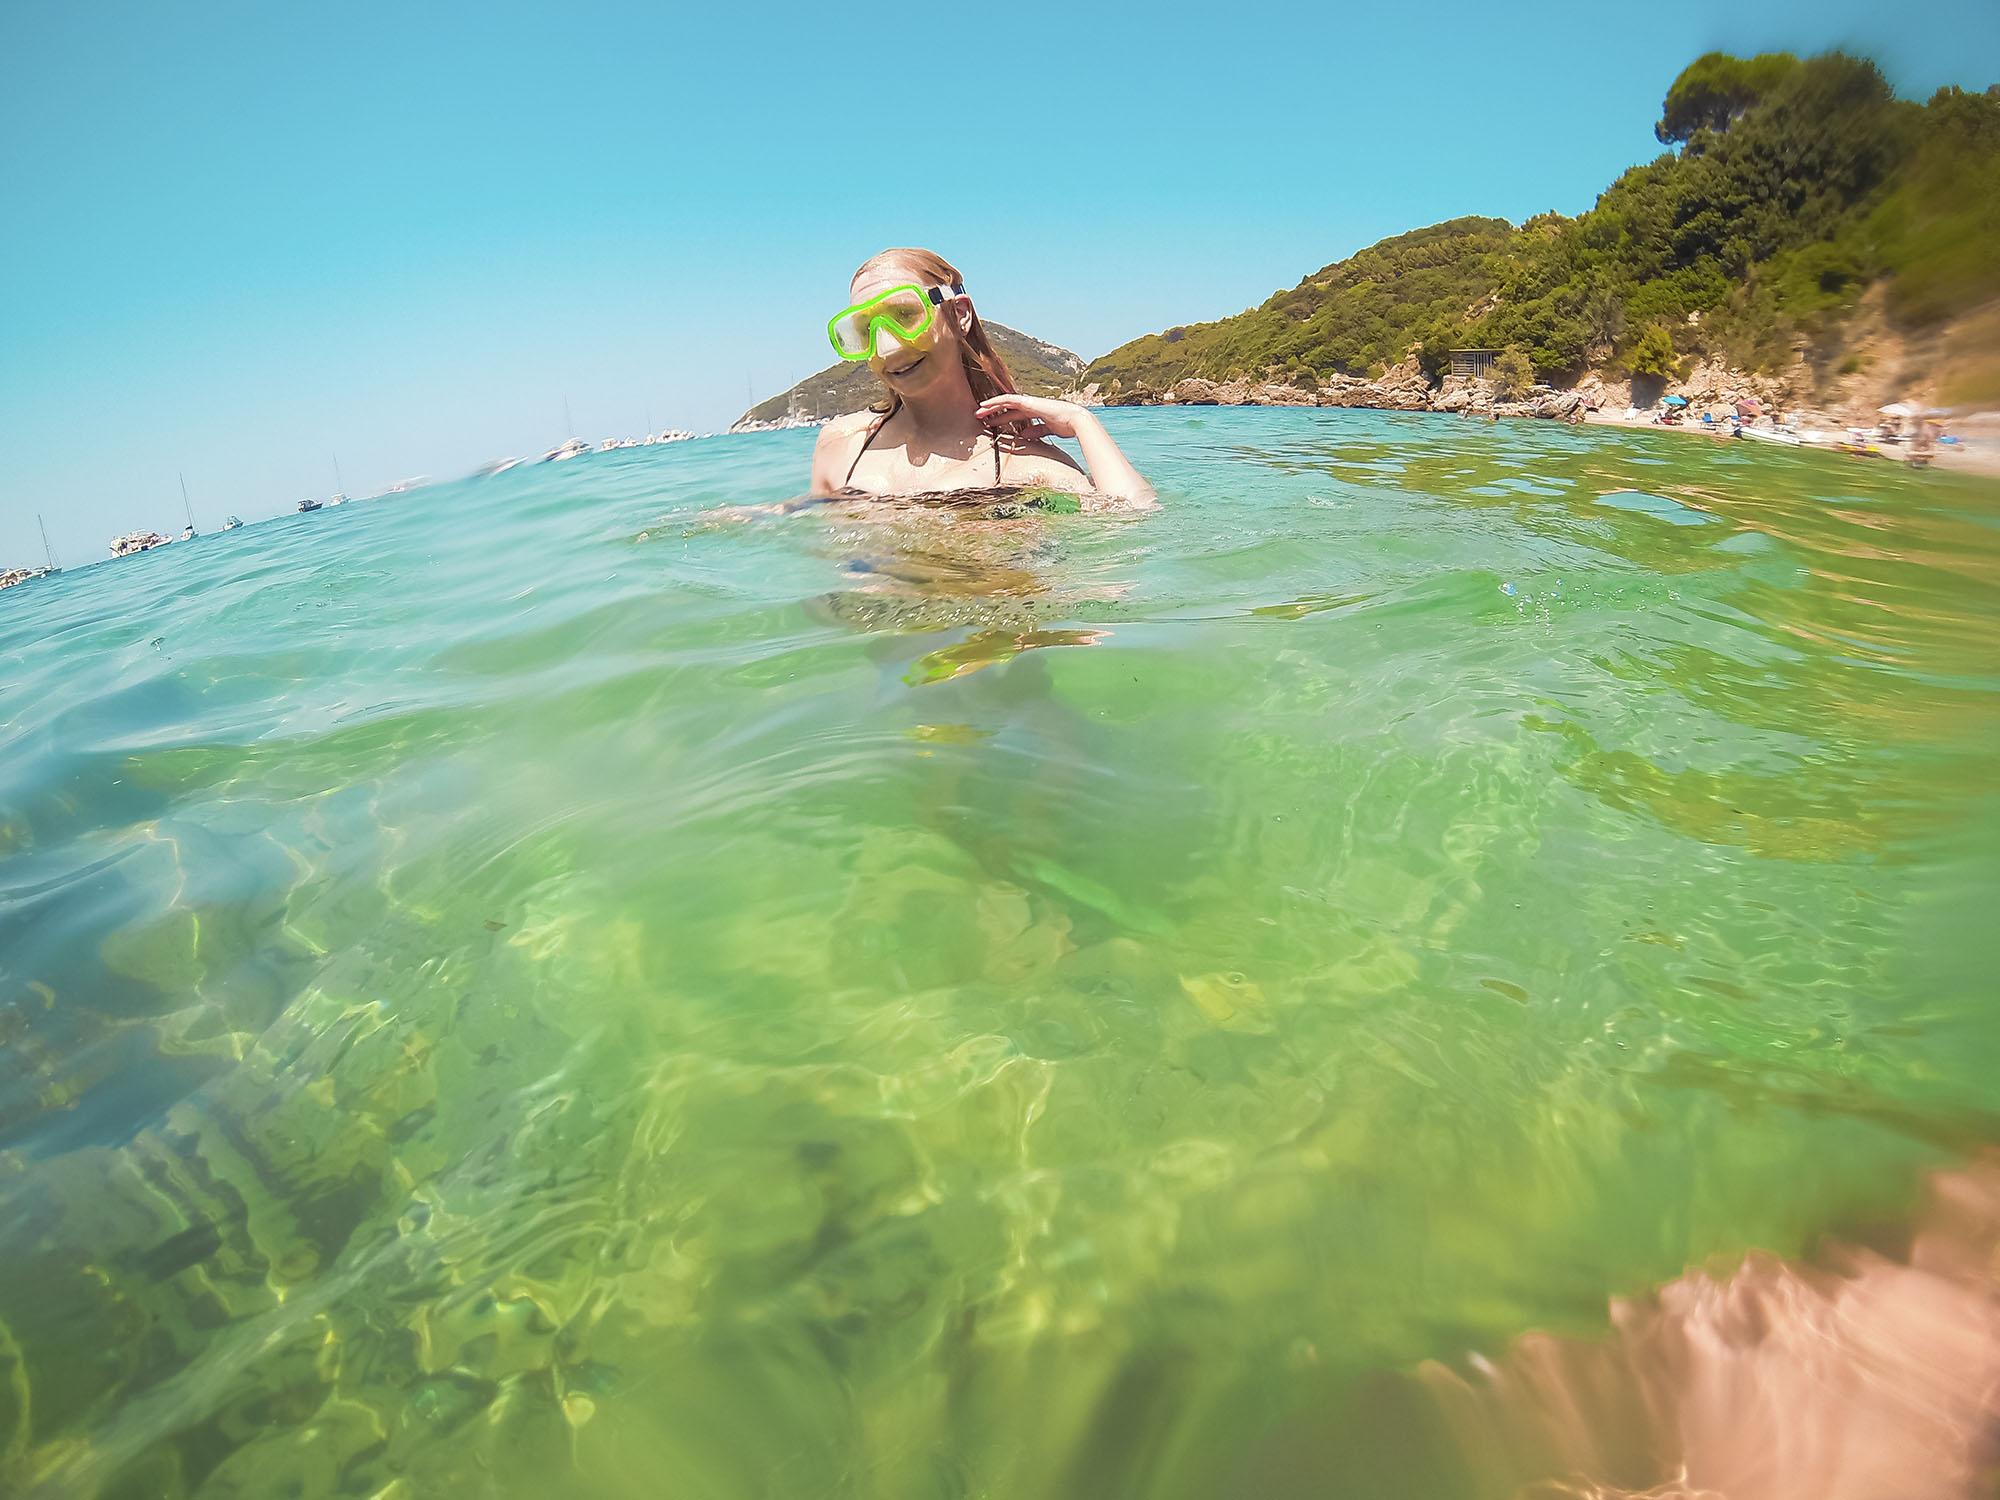 Det blir mycket dykning varje dag! Jag använder aldrig snorkel utan har bara cyklopet på mig så jag kan dyka ner och titta efter vackra stenar. Älskar att känna mig som en fri delfin :)